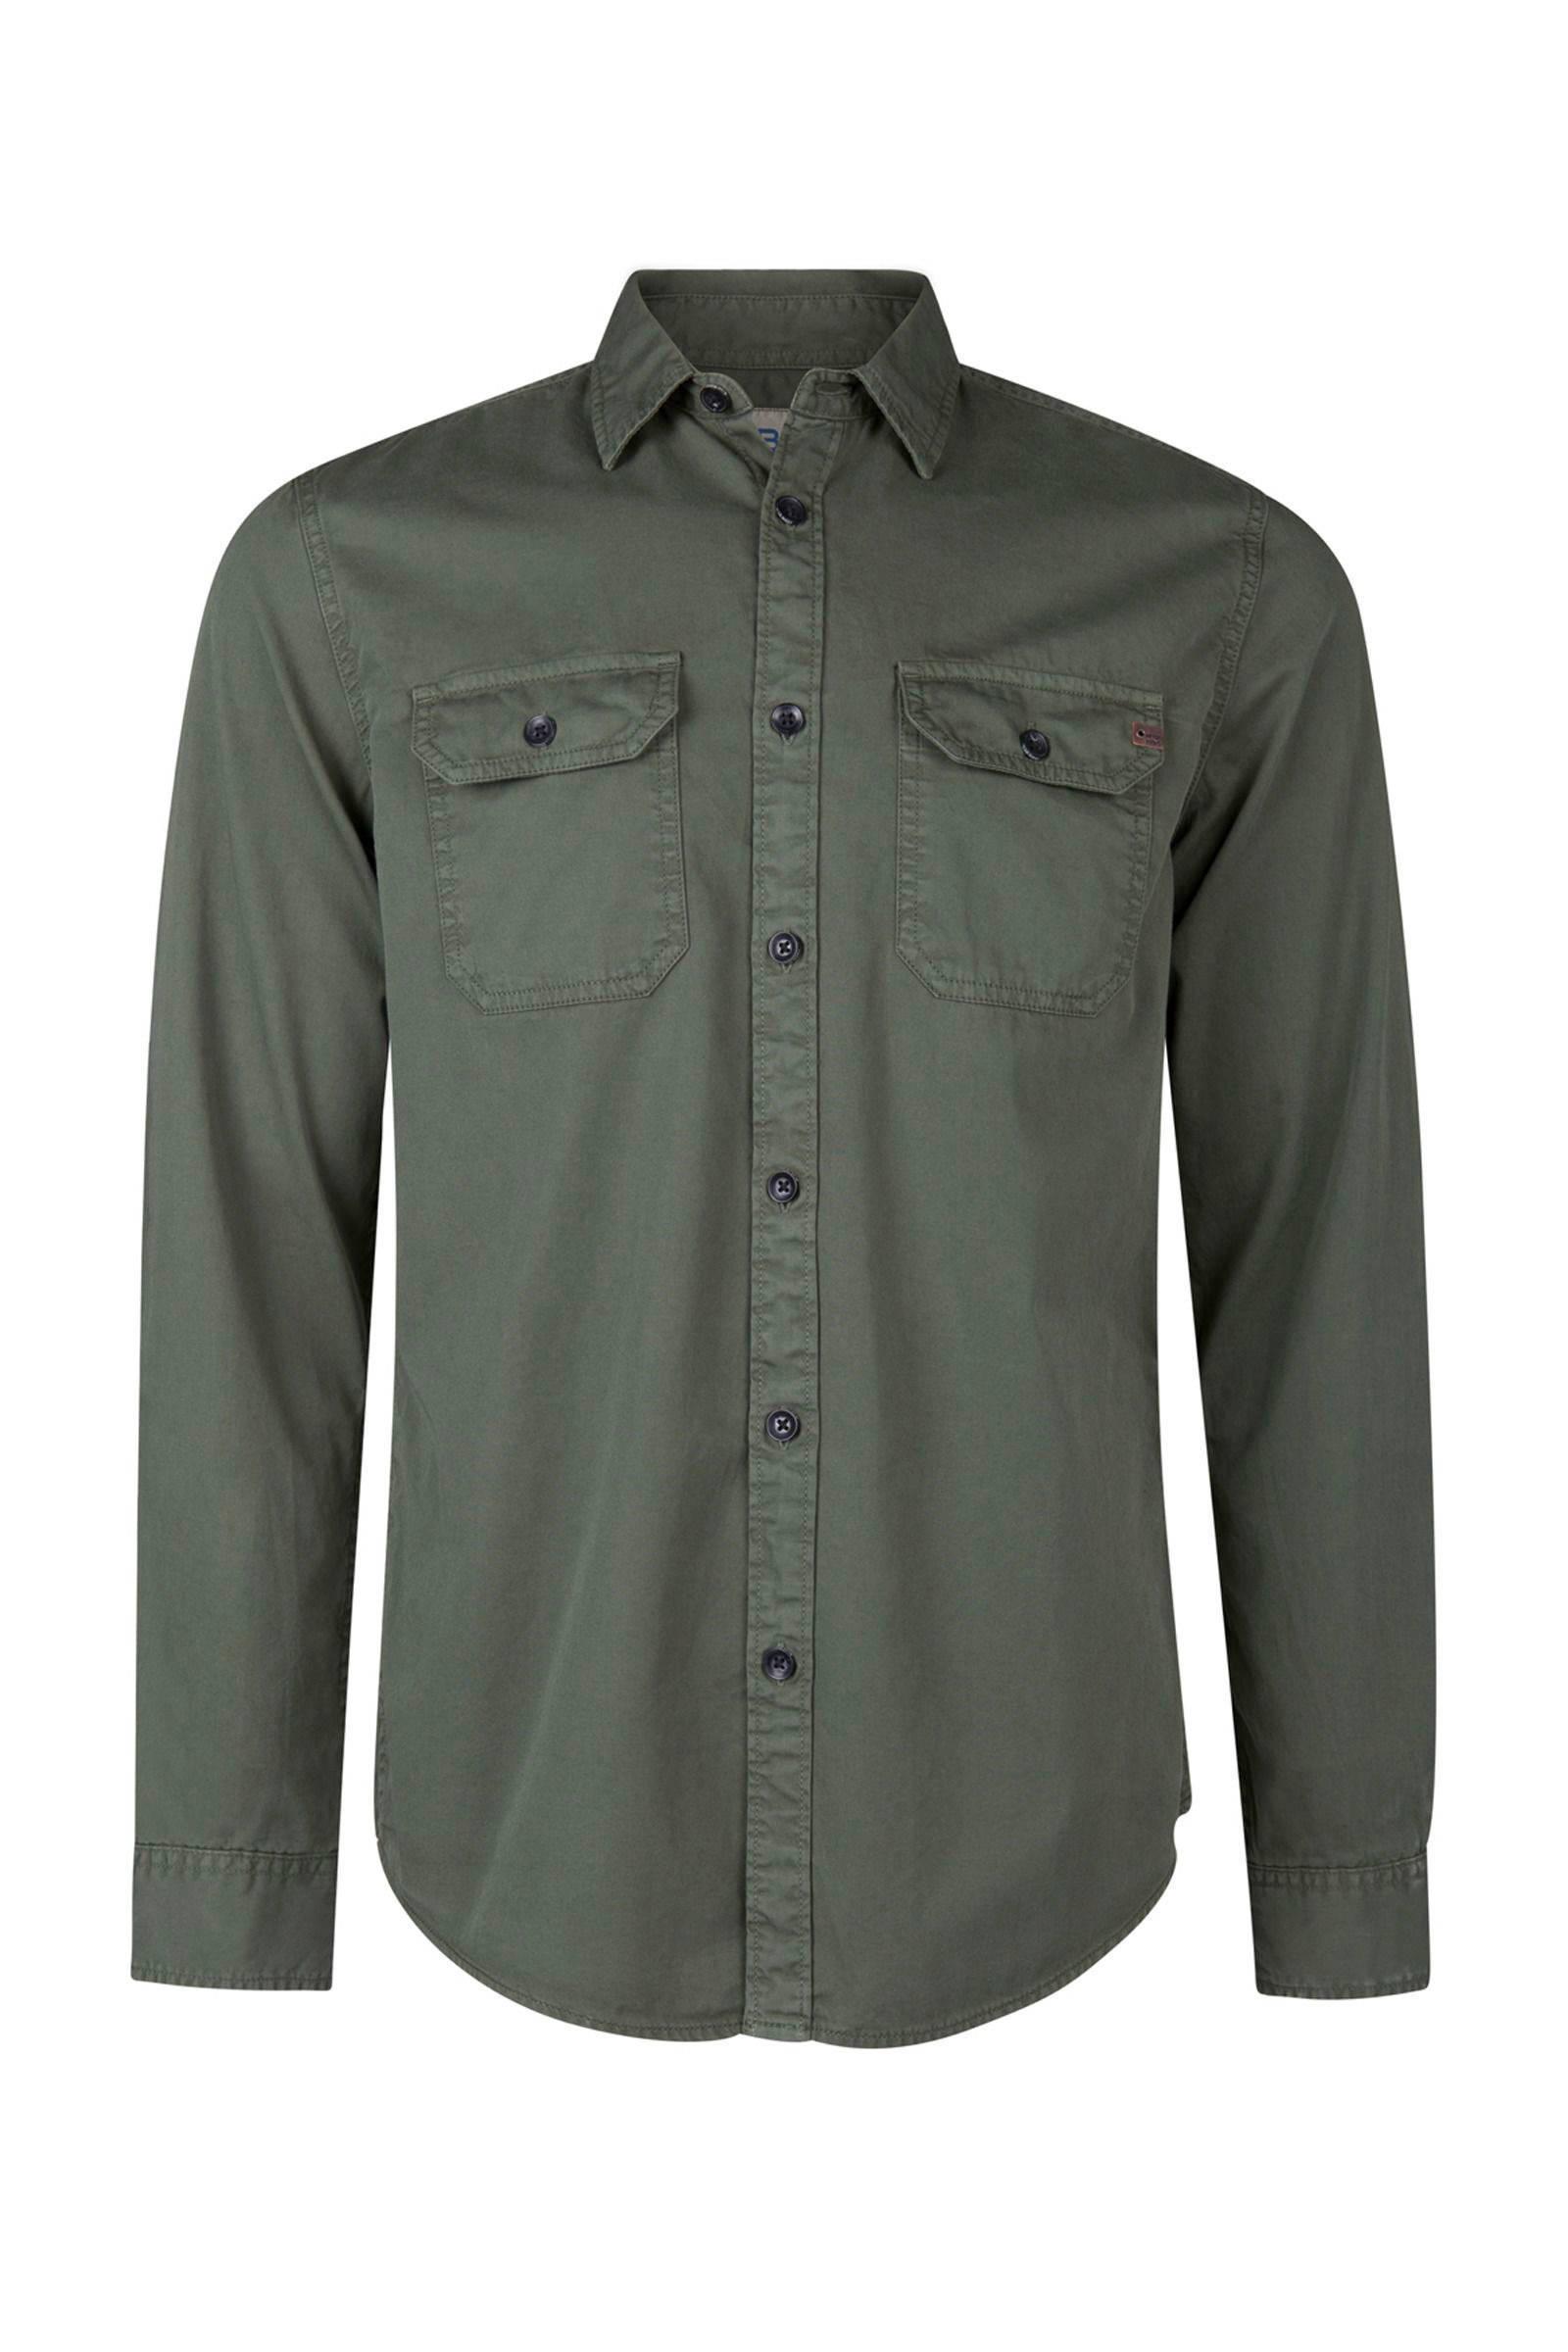 donkergroen overhemd